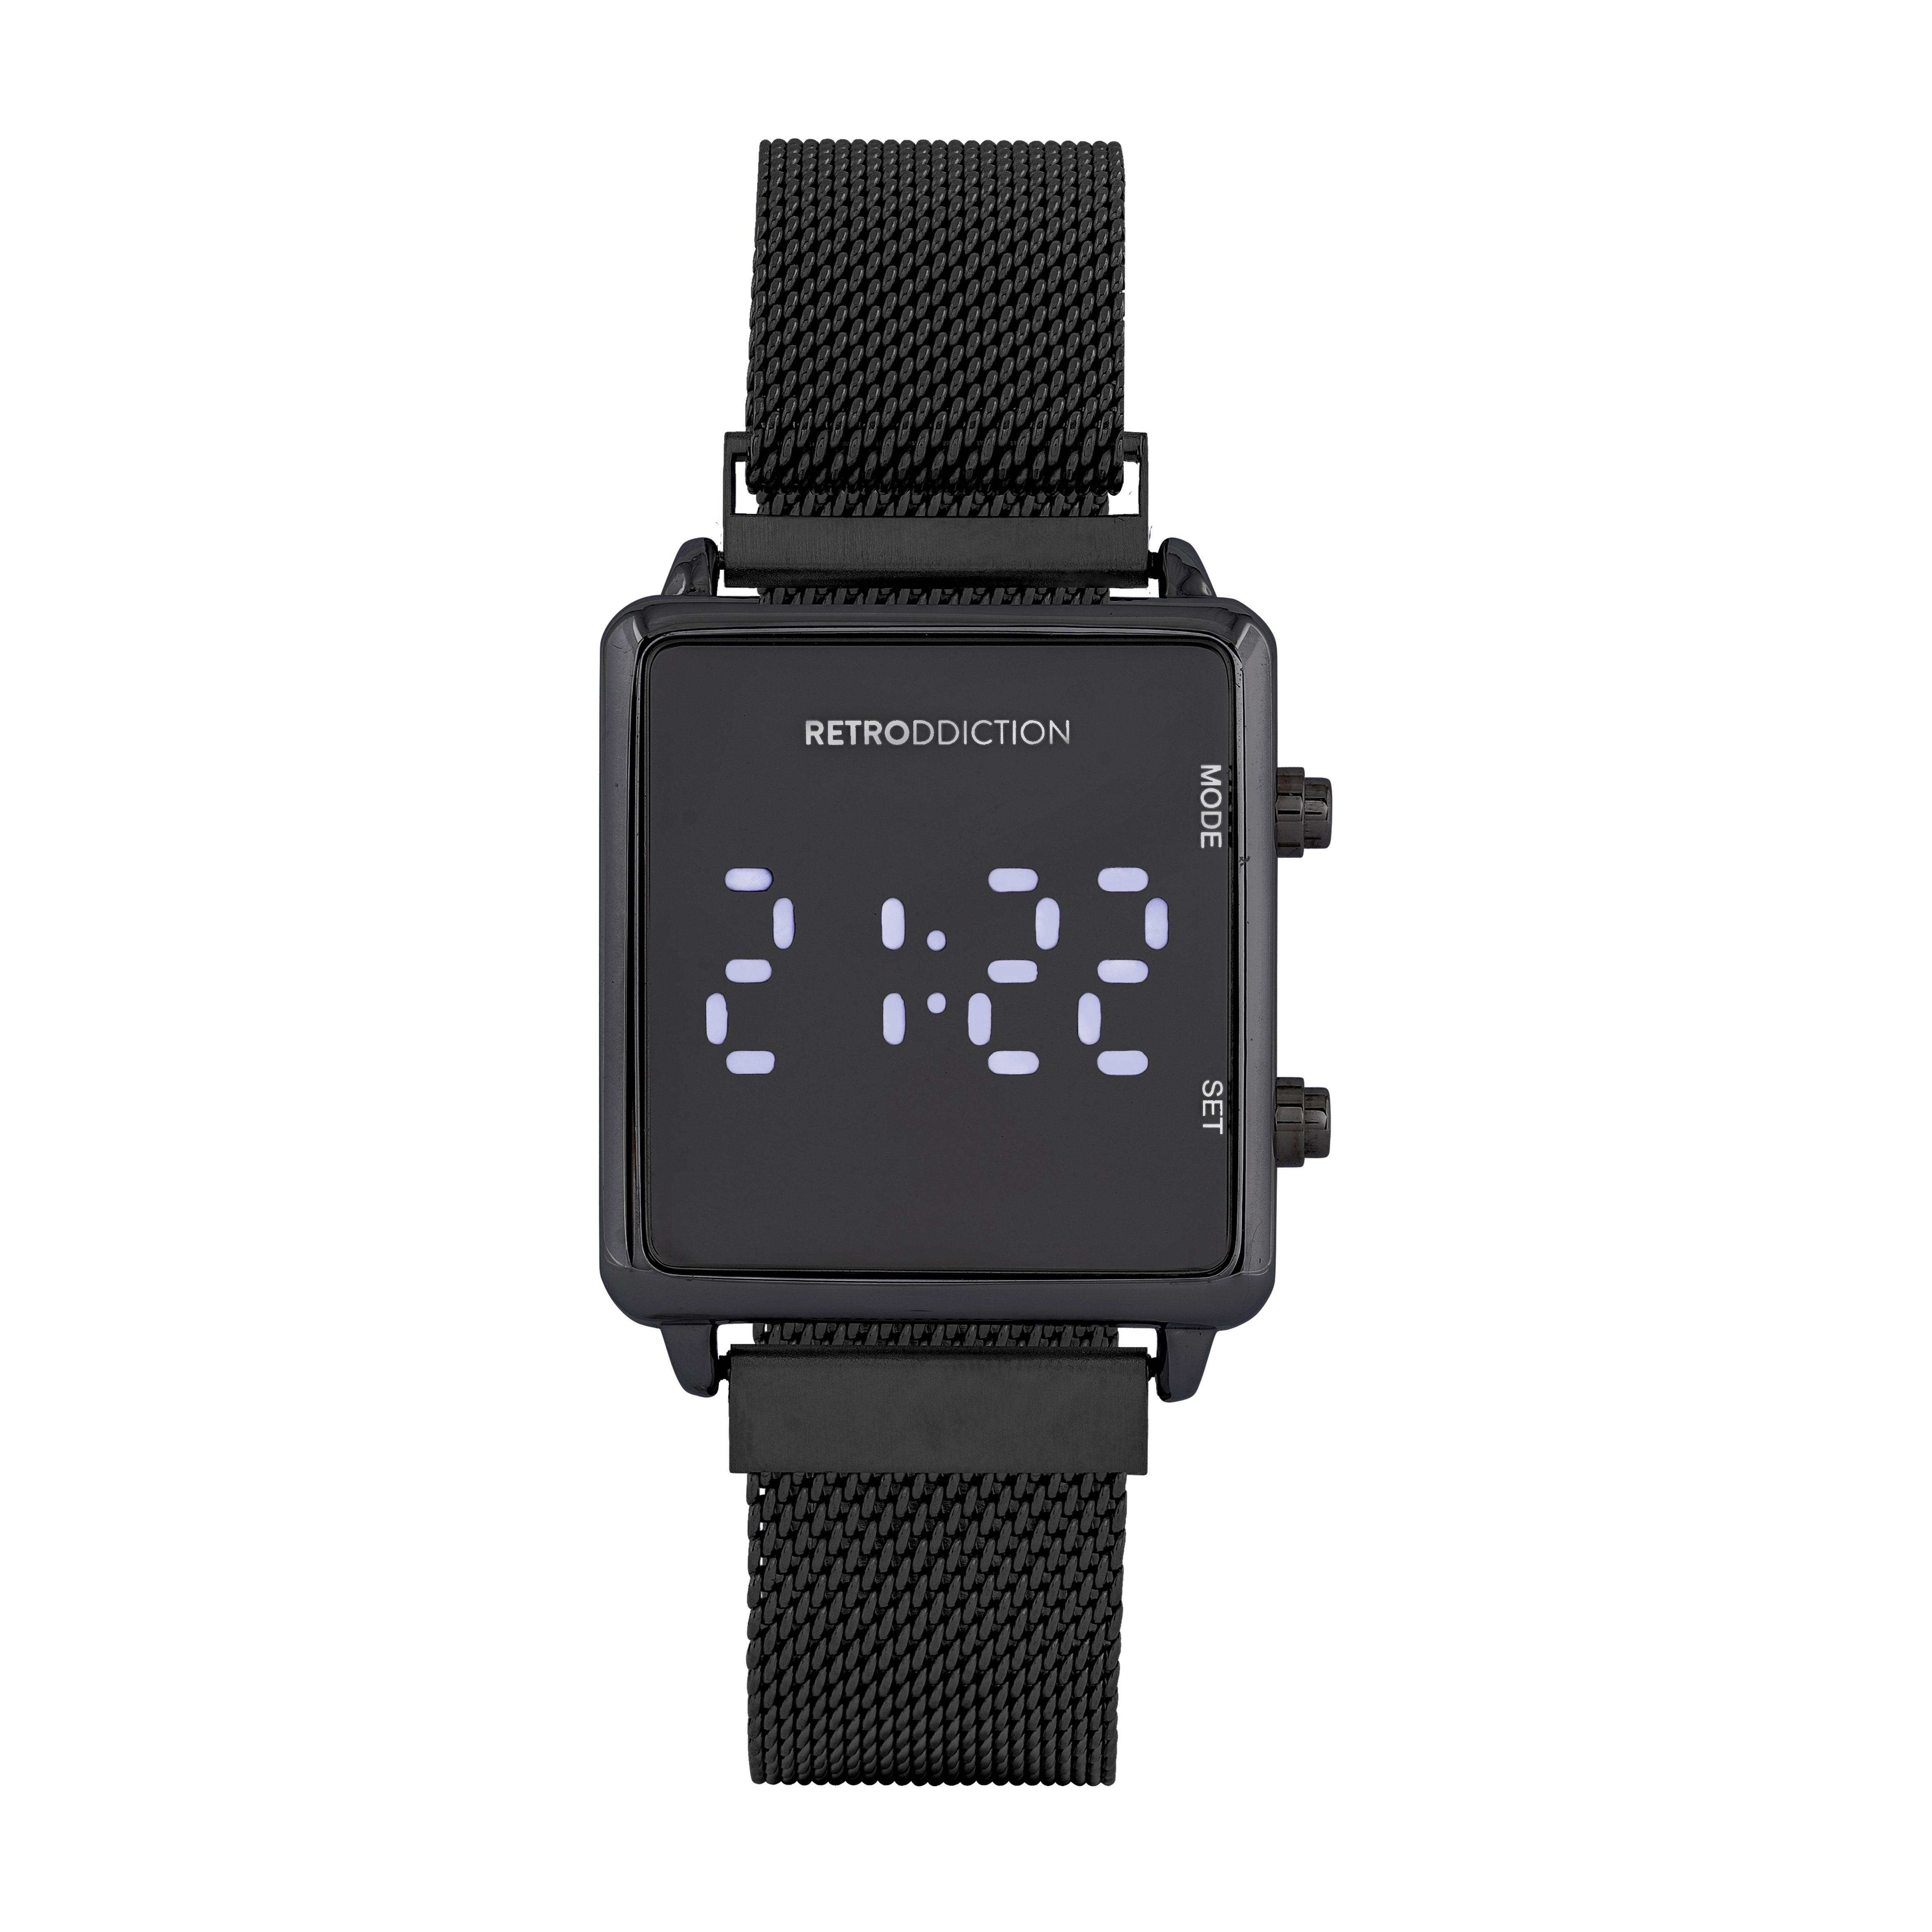 Digitalklocka Retroddiction - Fyrkantig svart med meshband